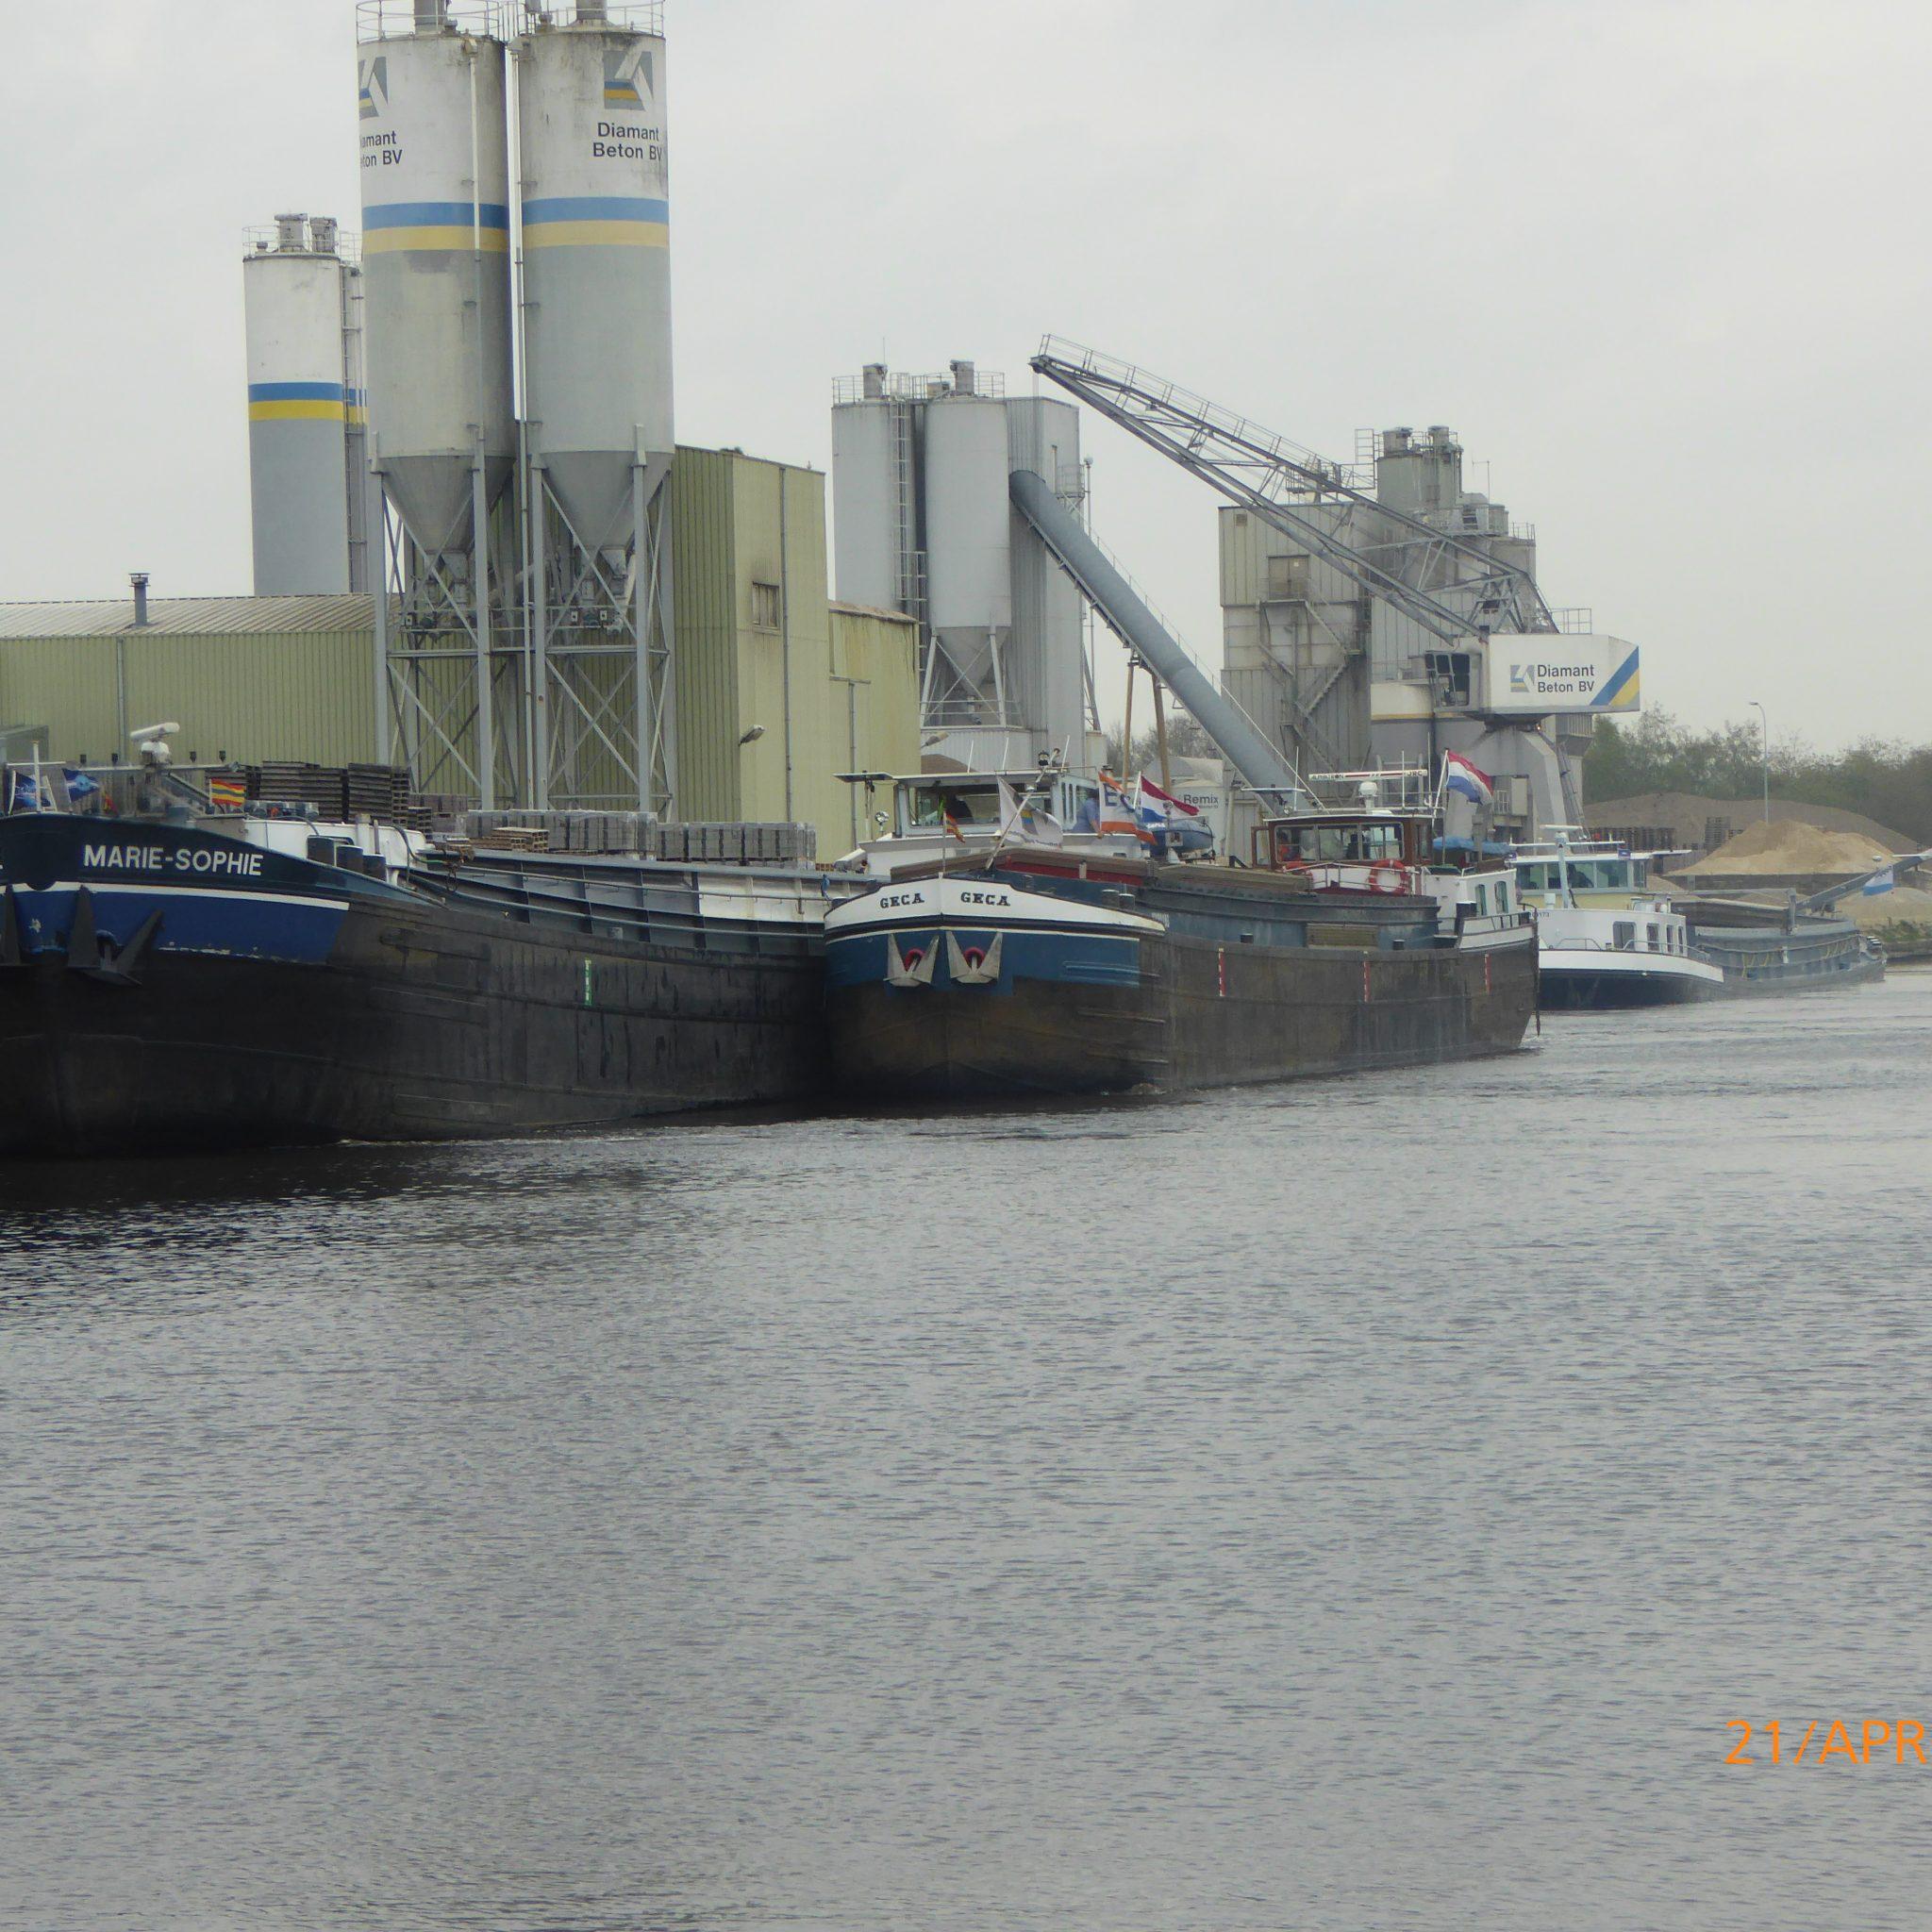 De overslag aan het Almelo naar Coevorden daalde in 2020 met ruim 7%. Bij betonfabriek Diamant in Hardenberg bleef hij echter op peil. (Archieffoto WdN)